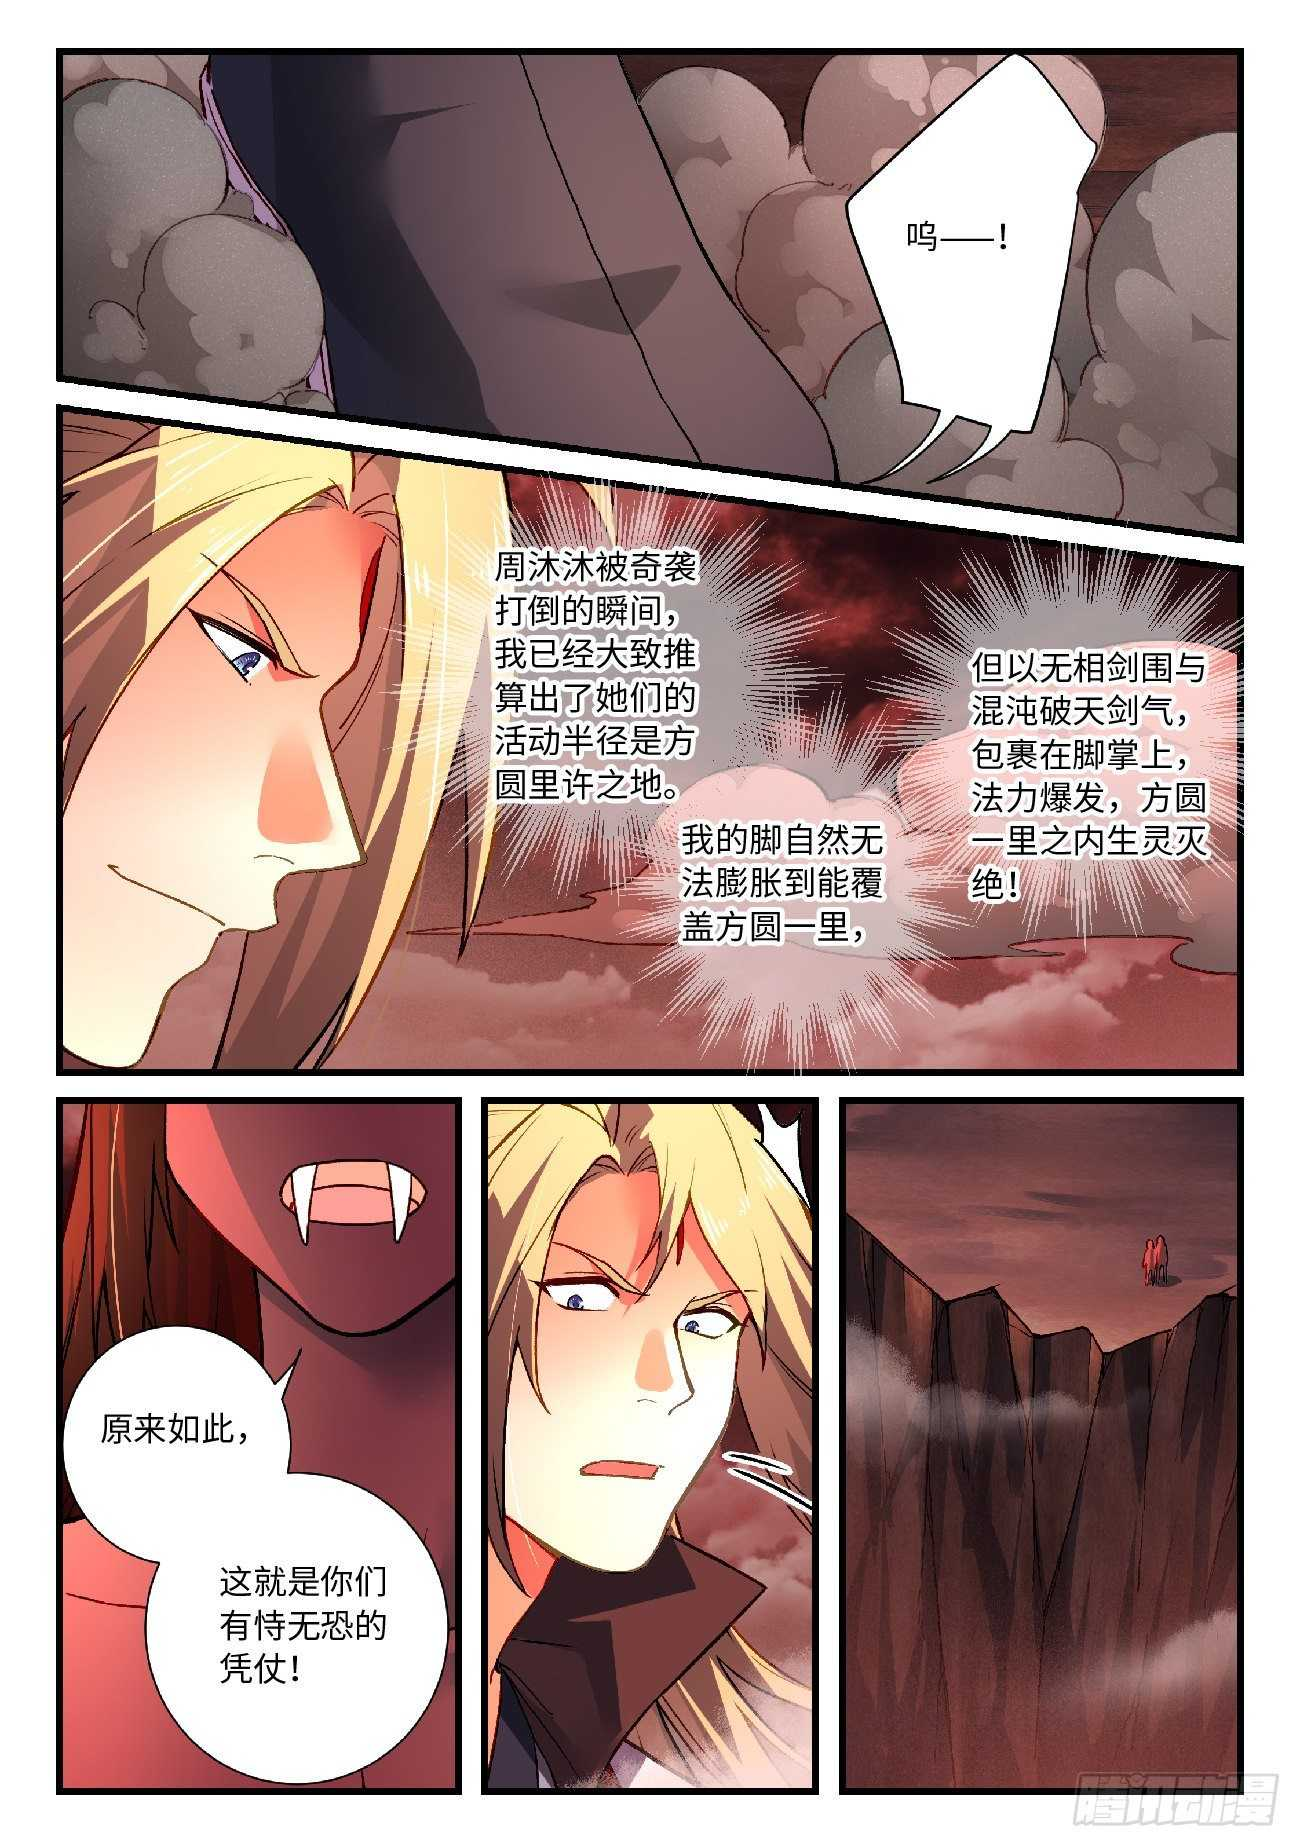 【漫画更新】《从前有座灵剑山》总598~599章